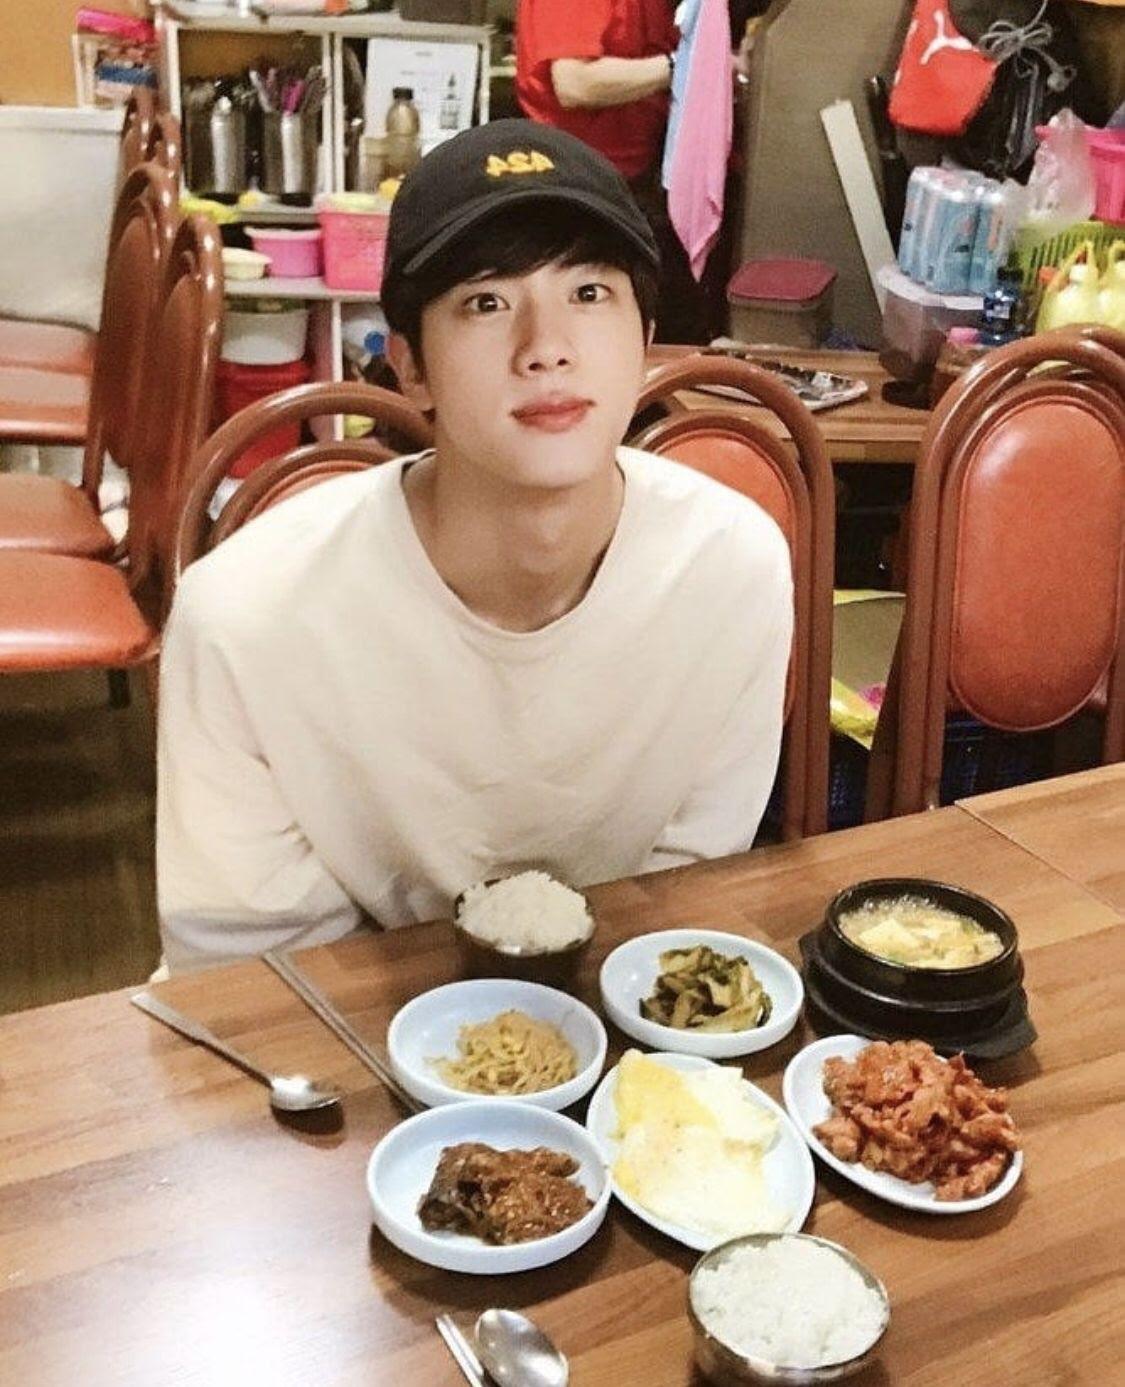 Jin được tuyển chọn khi đang trên đường đi học, điều này chứng tỏ dù không làm người nổi tiếng, anh chàng cũng thường là trung tâm của mọi sự chú ý khi xuất hiện. Áo phông trắng, mũ lưỡi trai đen cùng gương mặt không trang điểm, Jin giống như một đàn anh trong trường khiến bạn loạn nhịp khi bắt gặp ở quán ăn gần trường.